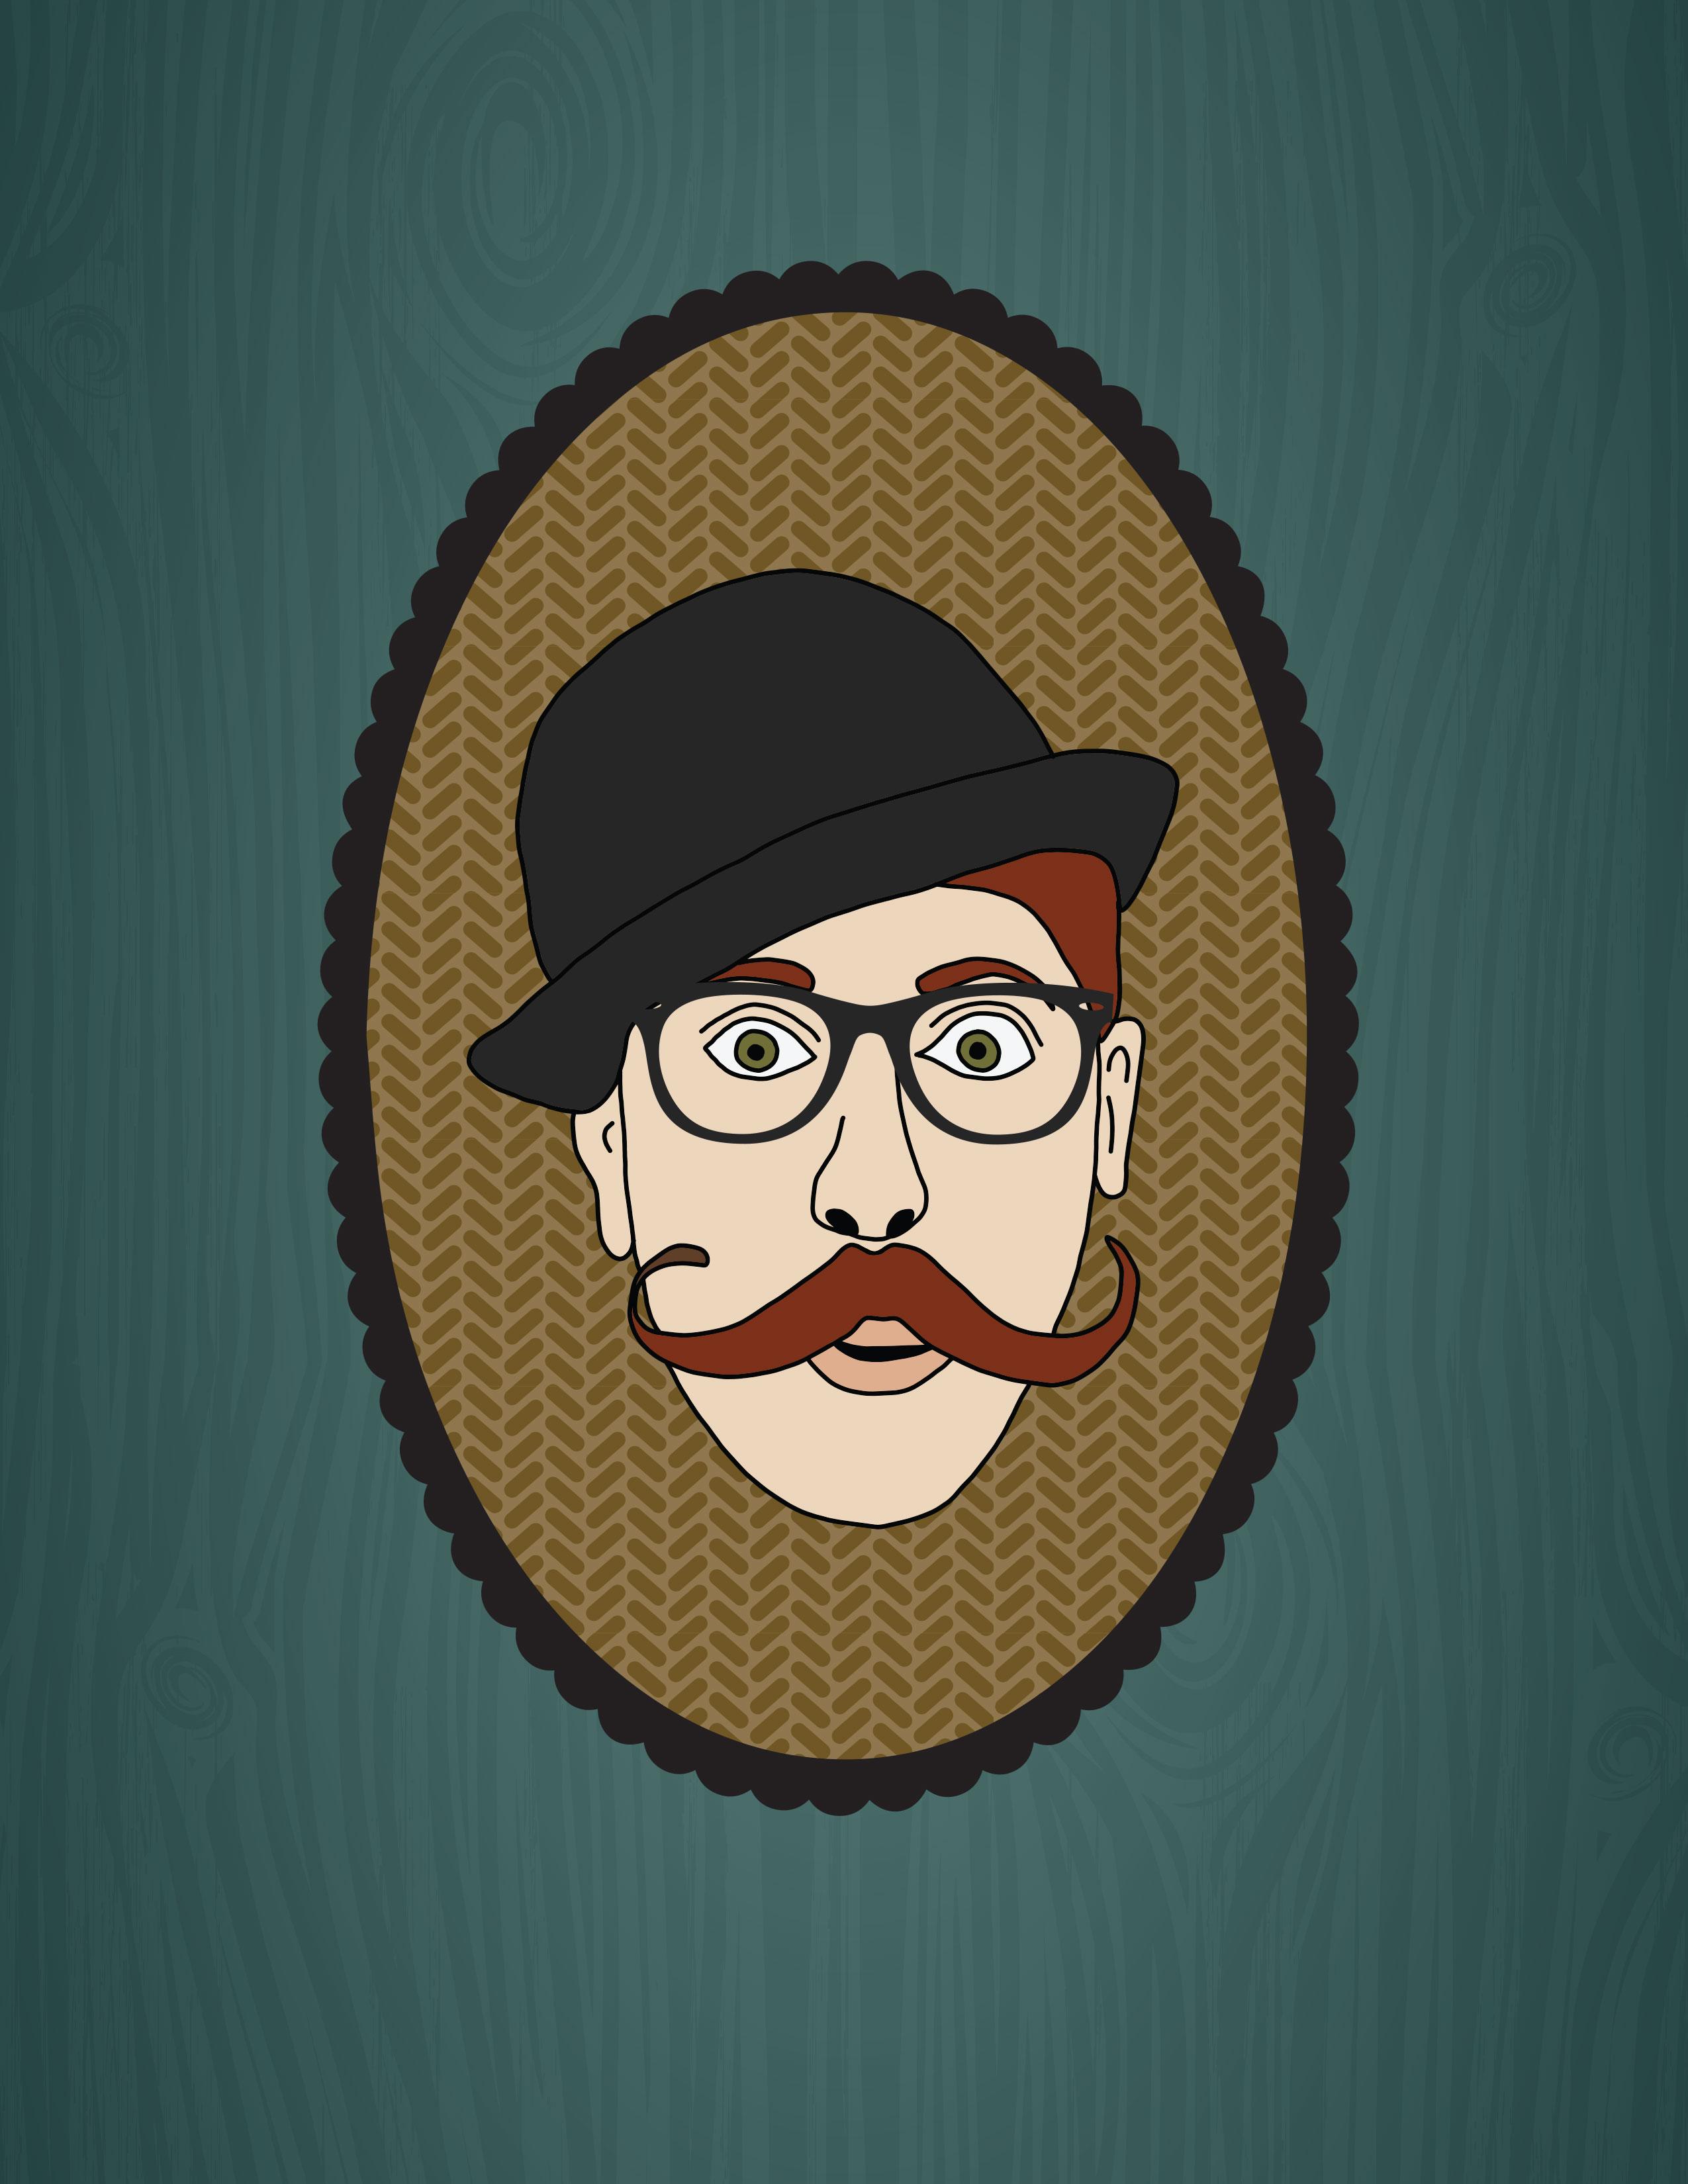 hipster_guy